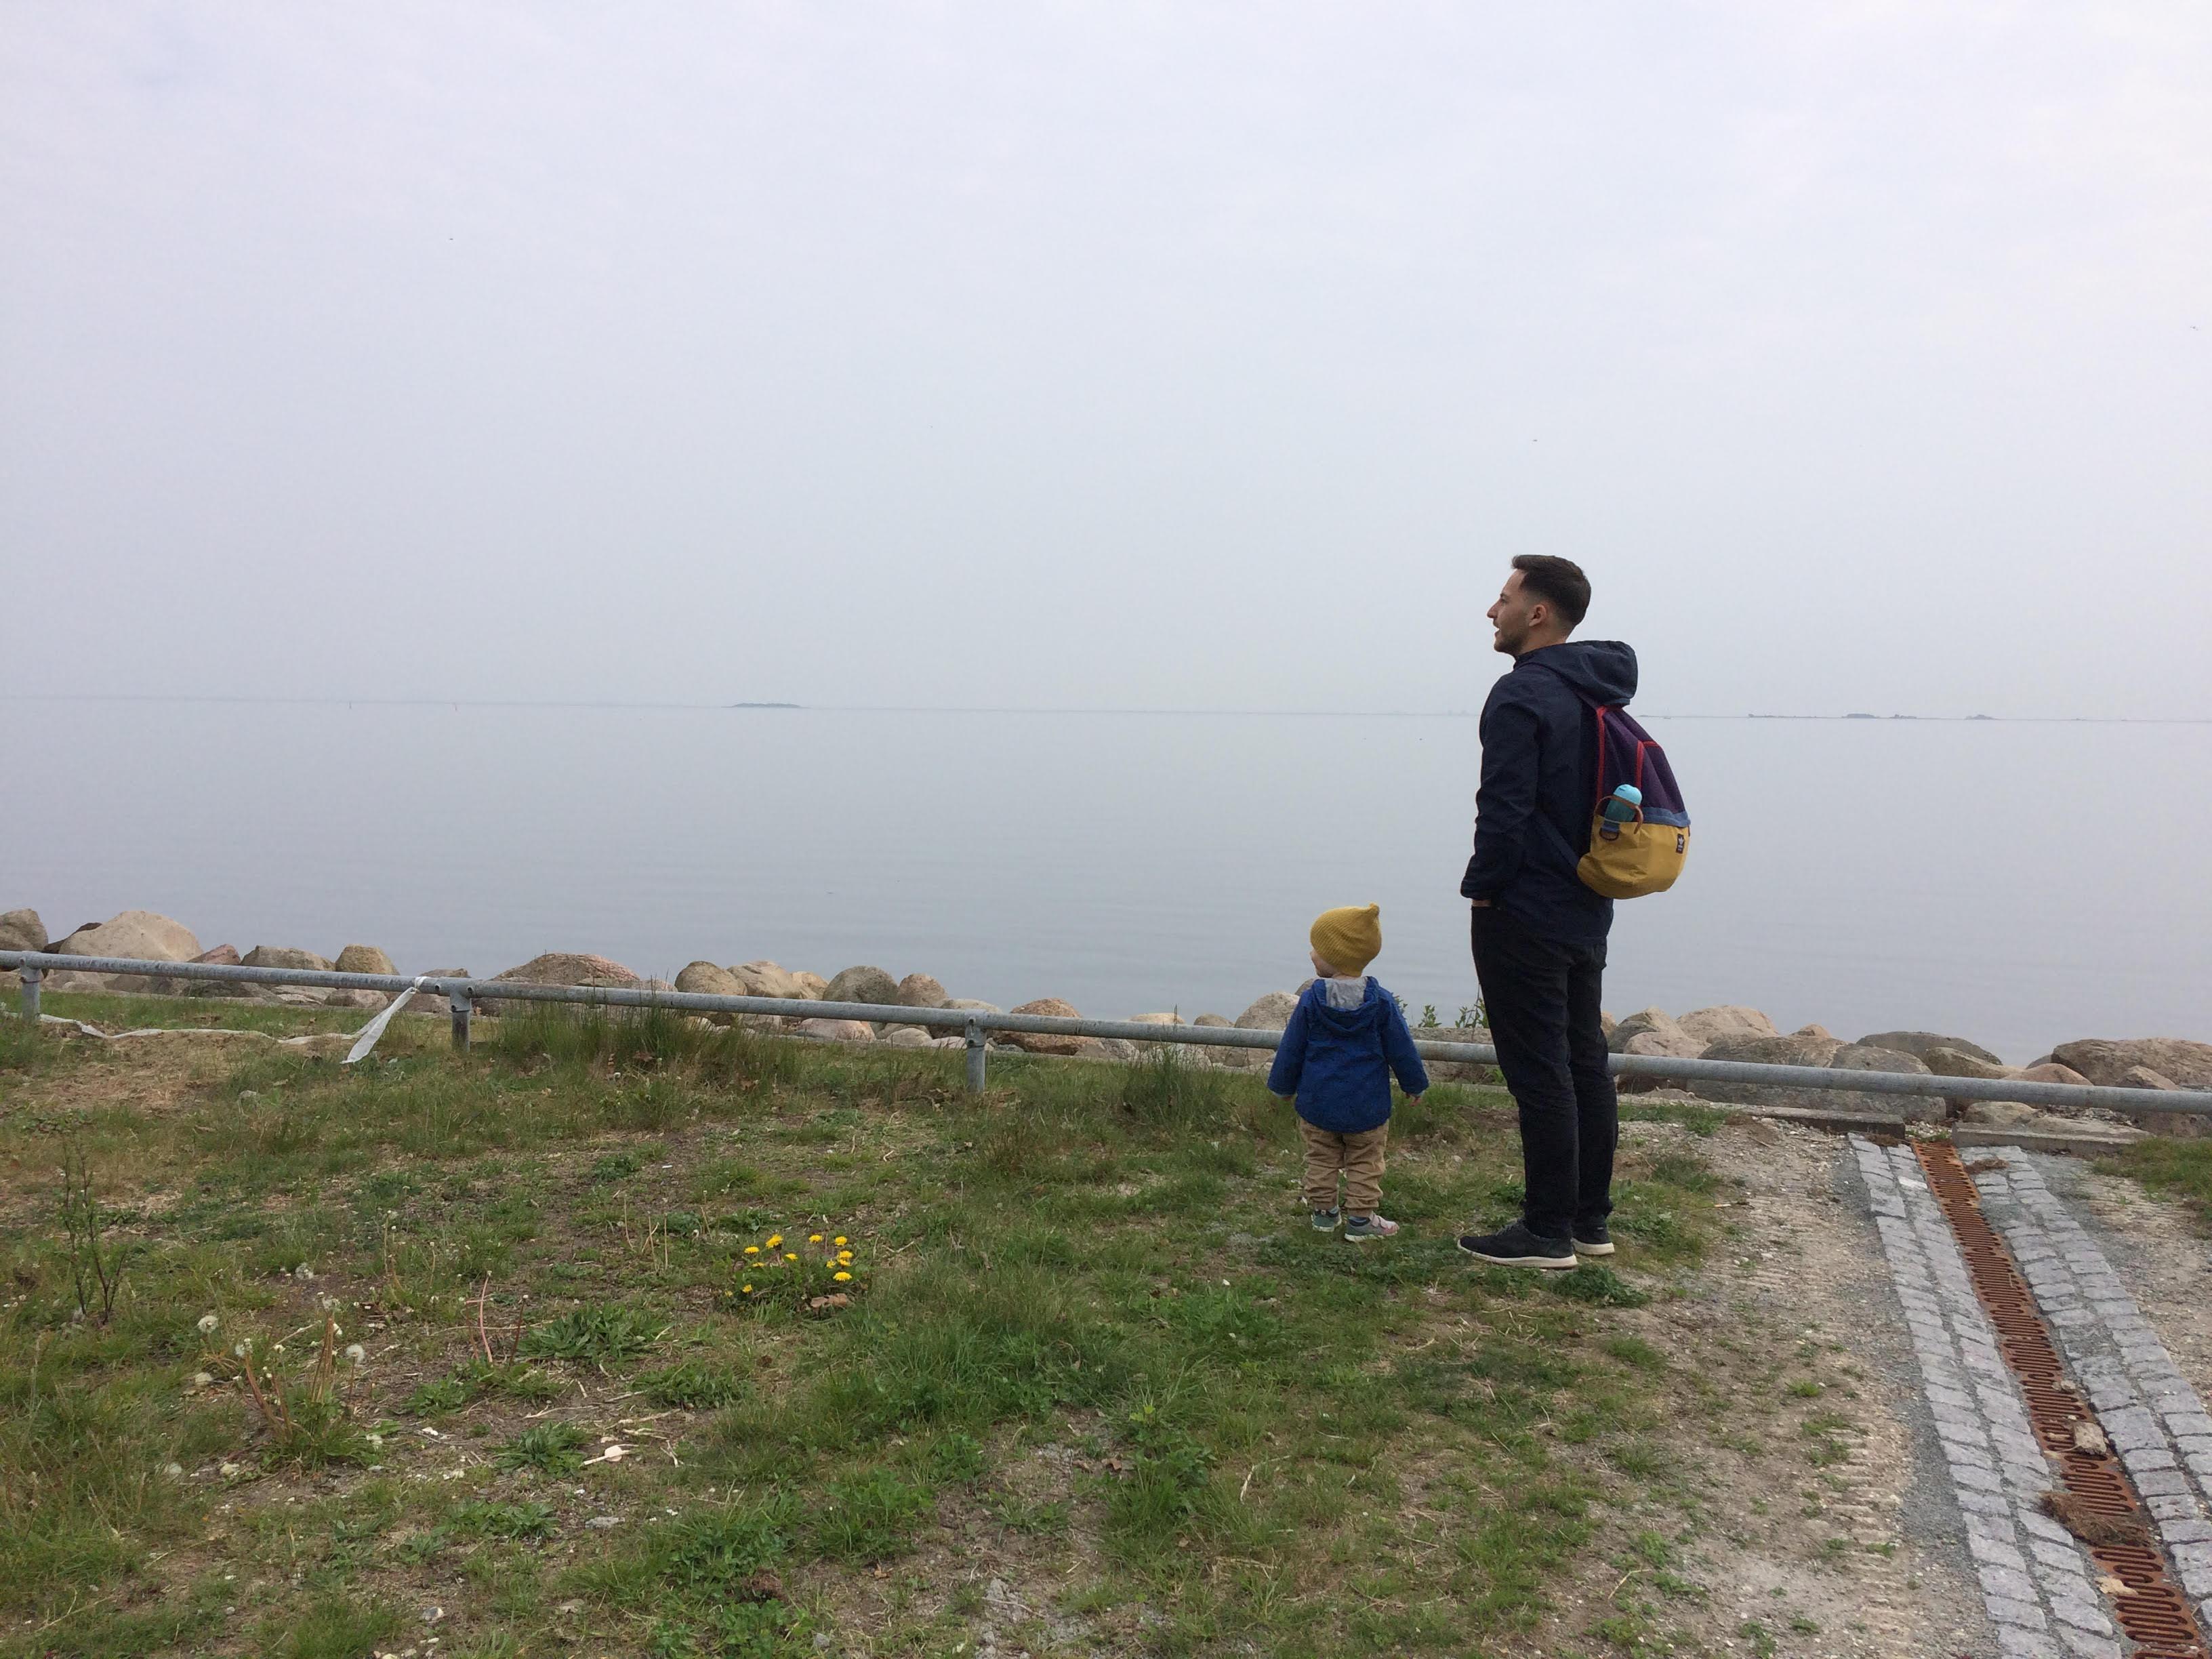 путешествия с детьми Все о путешествиях с детьми unnamed 20 4